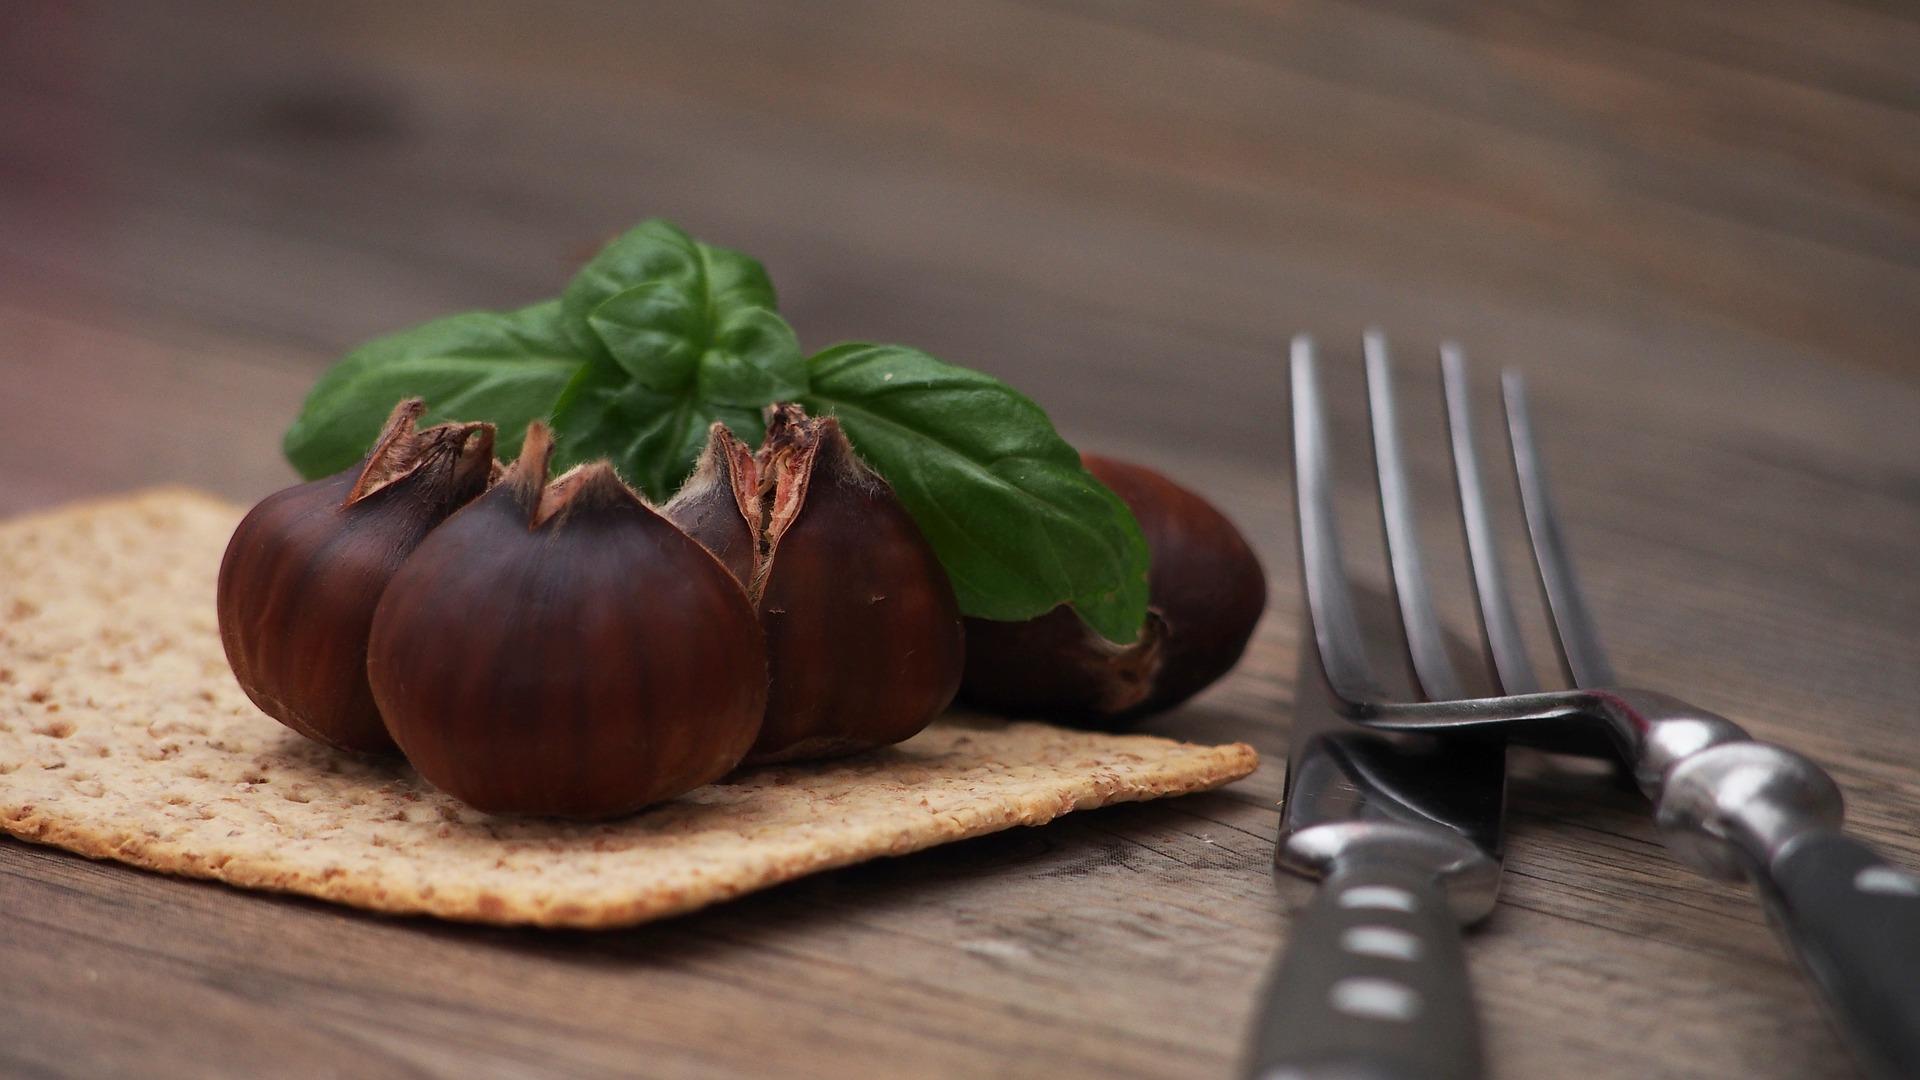 Roasted Chestnuts | Image Credit: Holgersfotografie pixabay.com